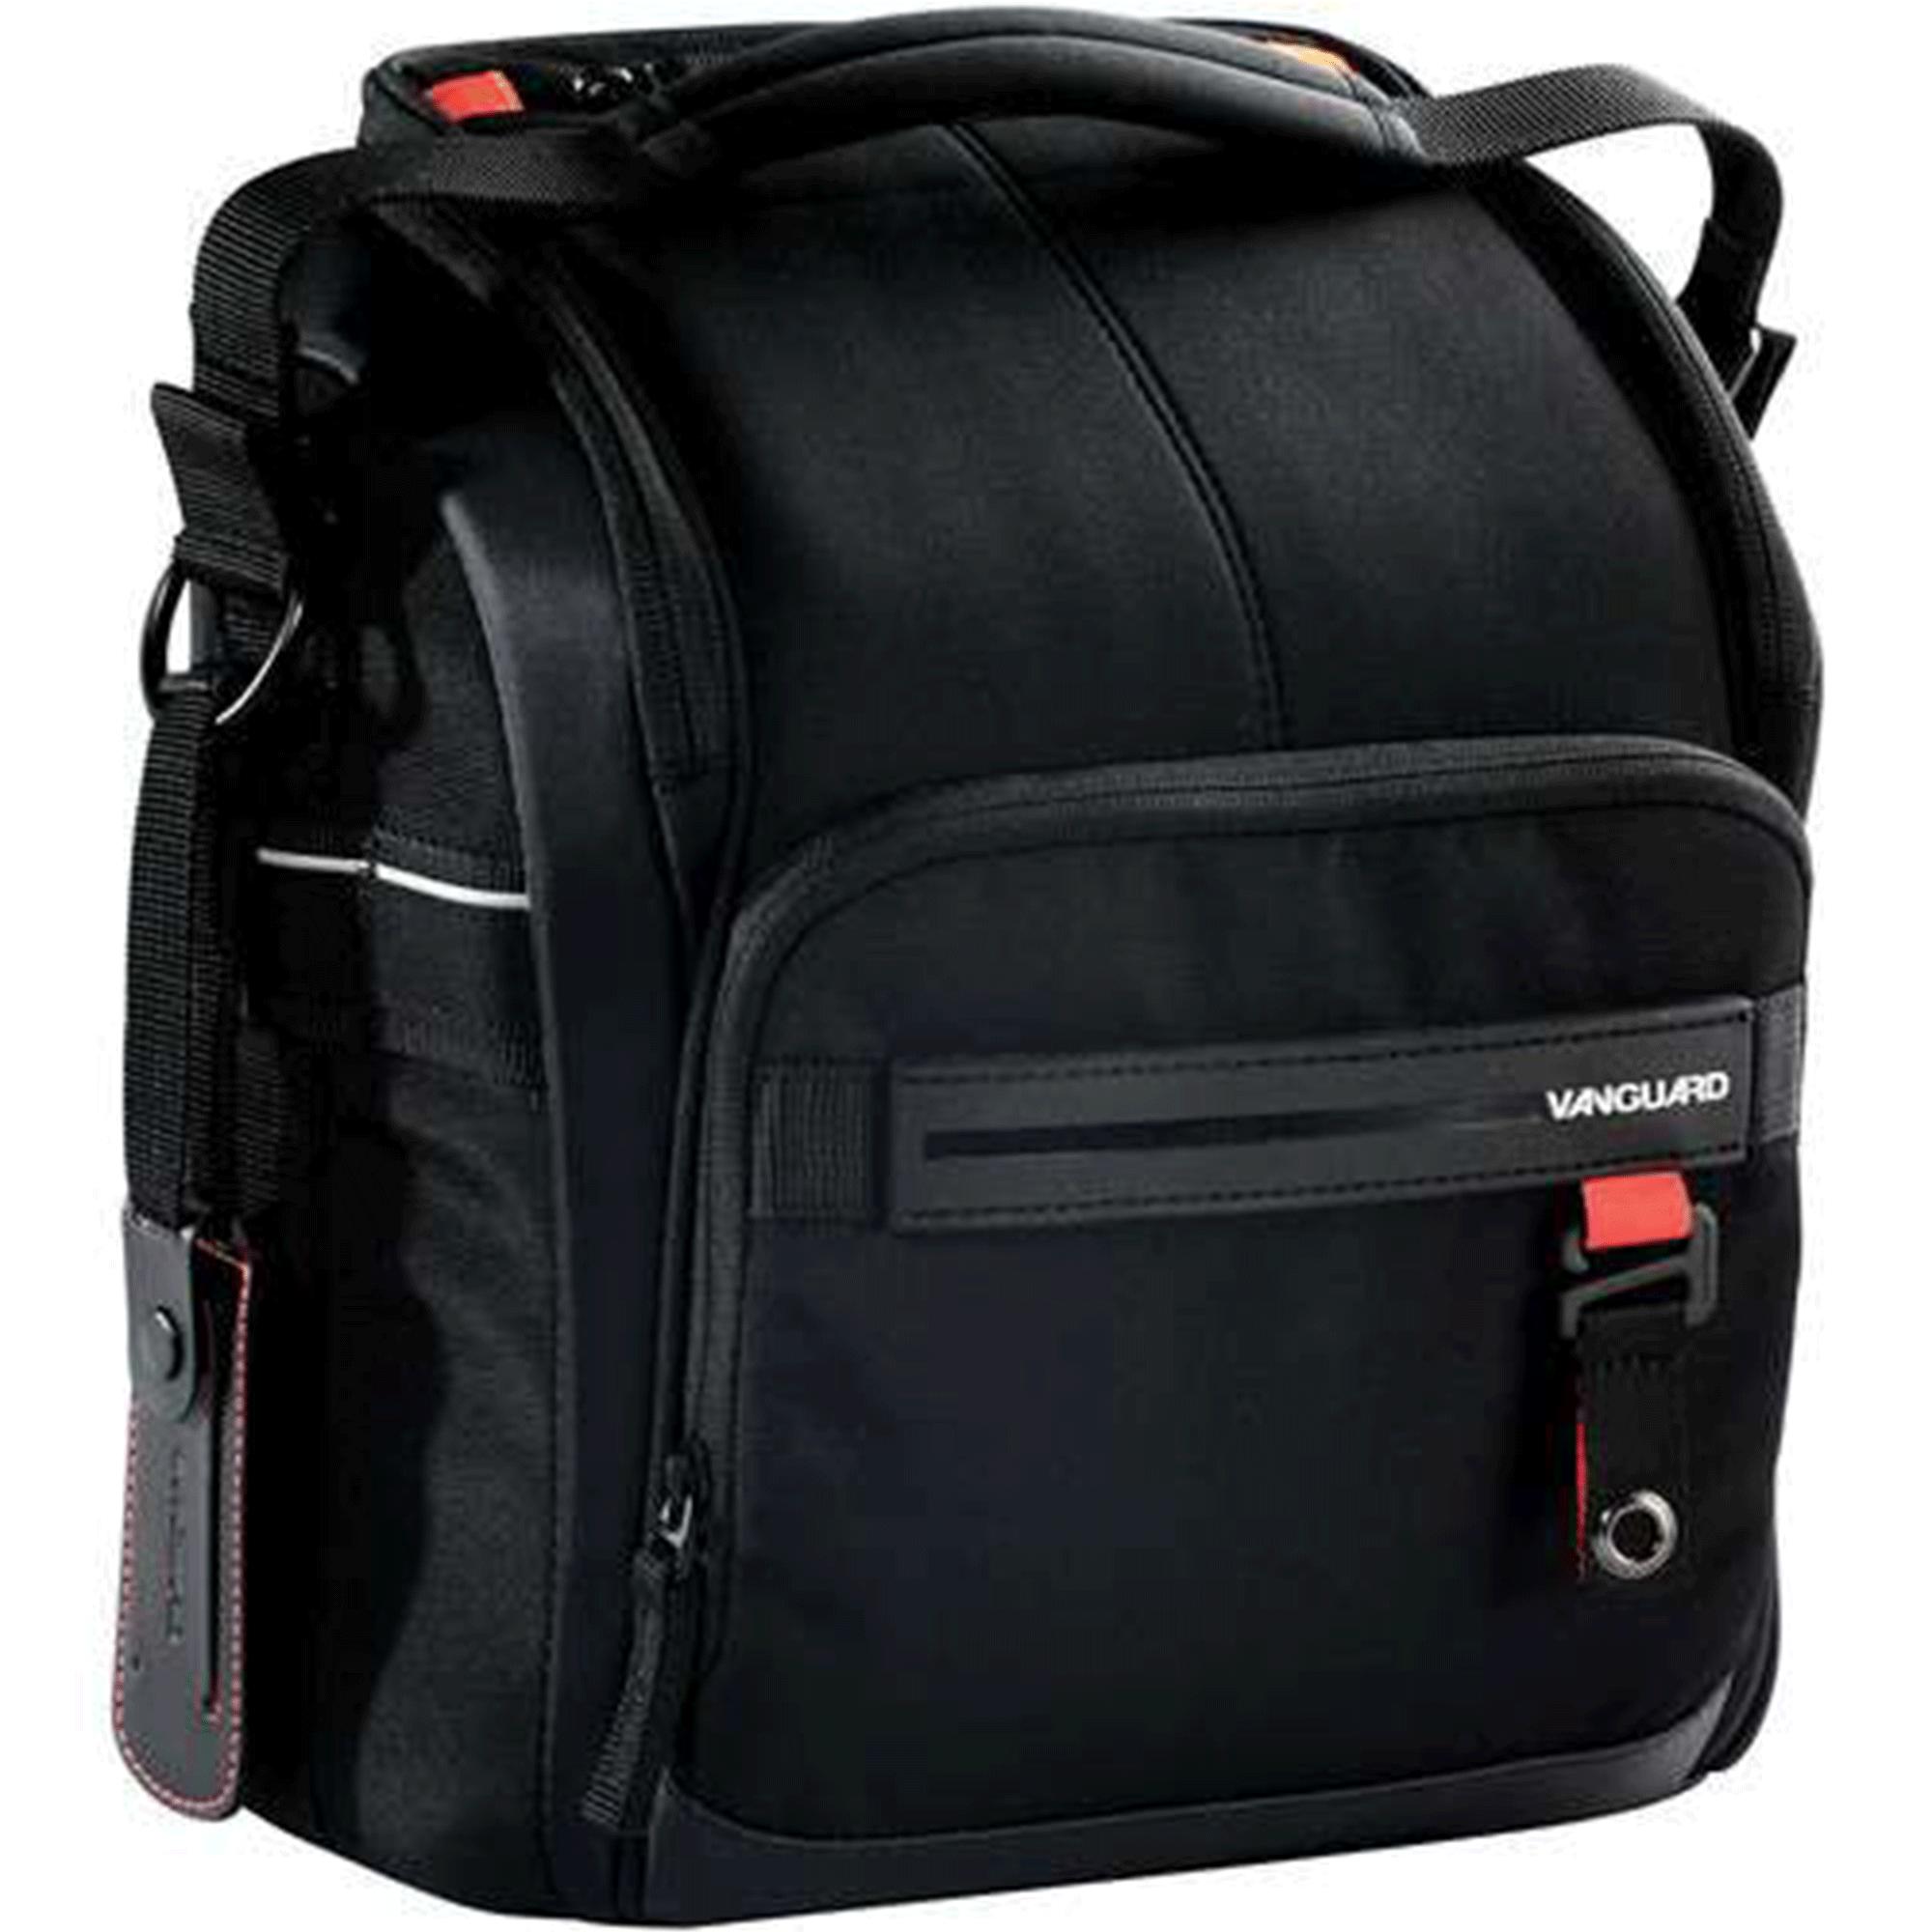 Vanguard Quovio 26  Bag